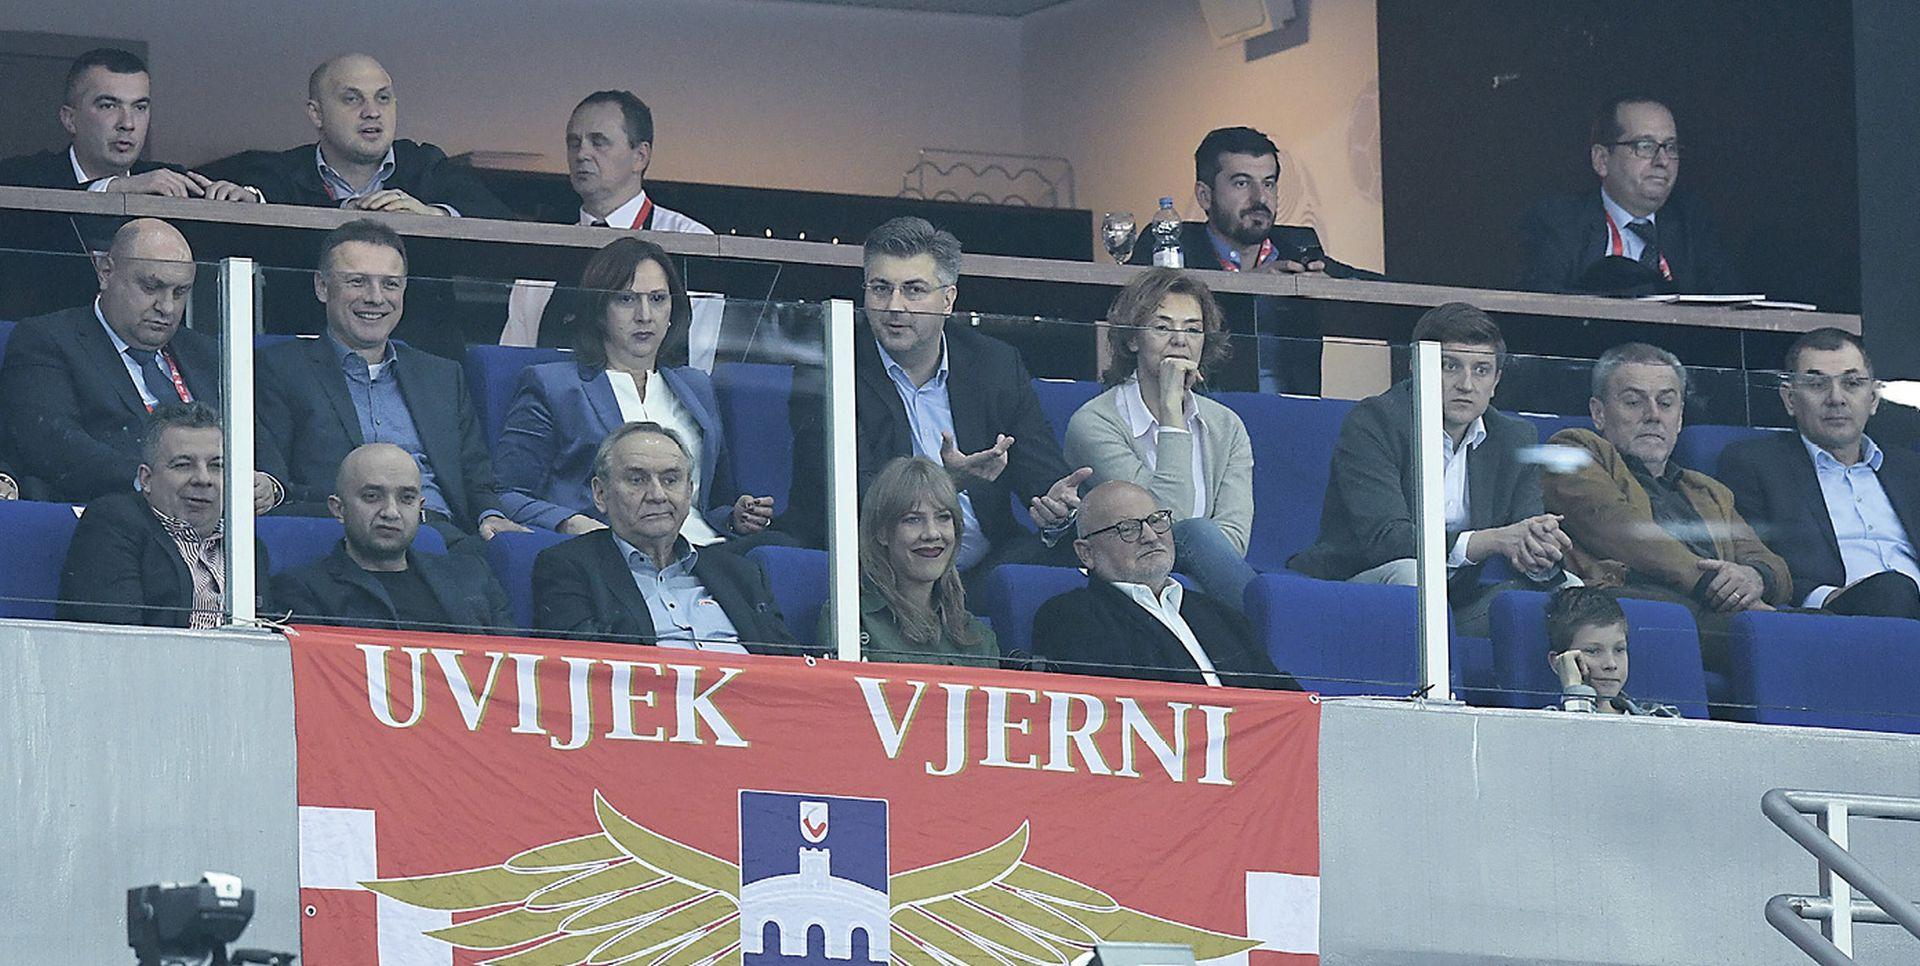 FELJTON Kako je HDZ prisvojio i politizirao hrvatski nogomet